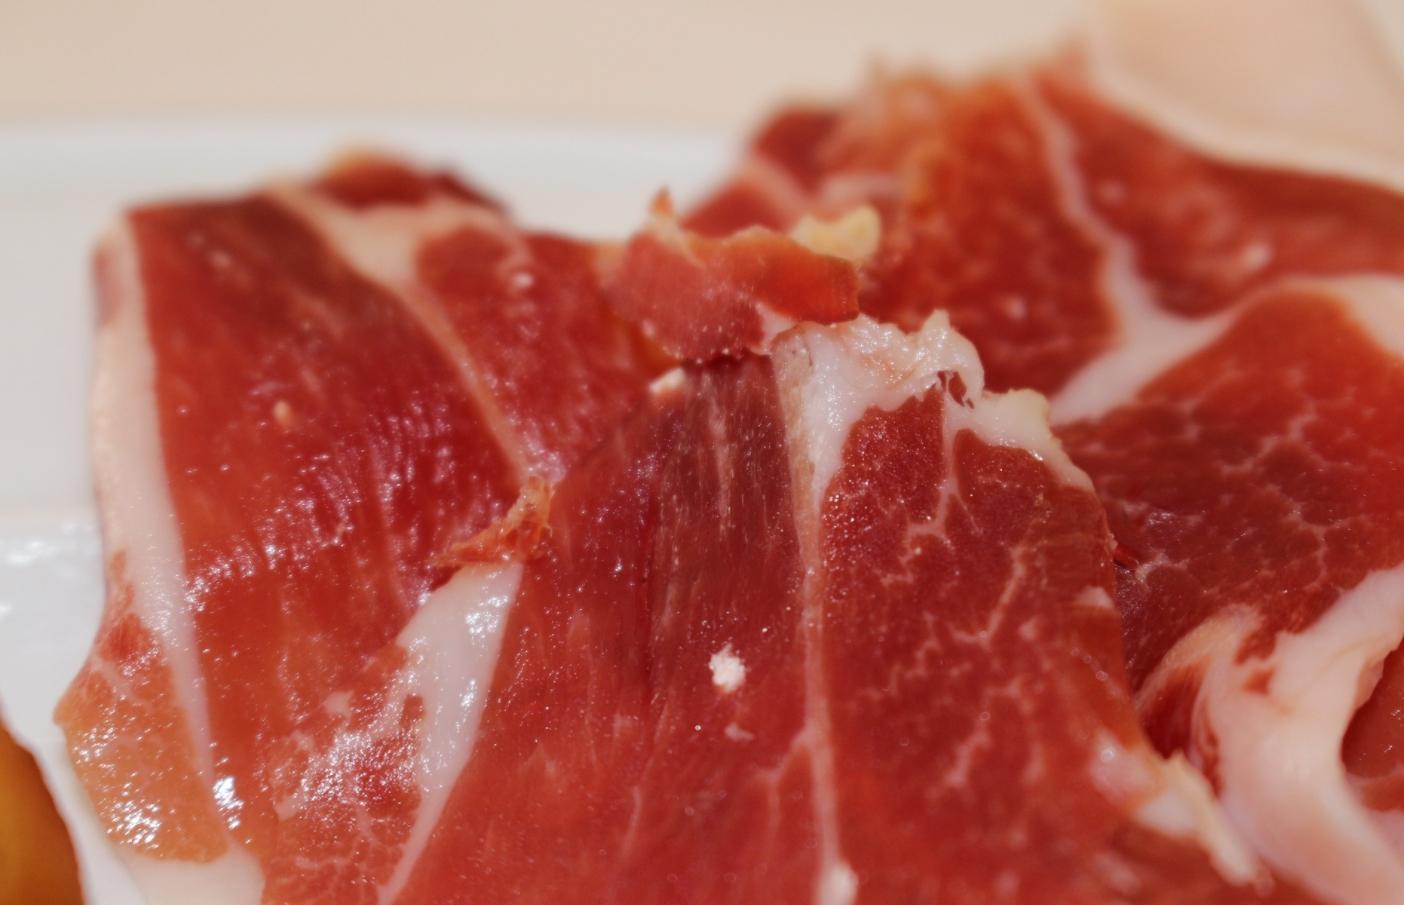 ¿Qué es un jamón veteado? ¿Qué es el veteado del jamón? 3